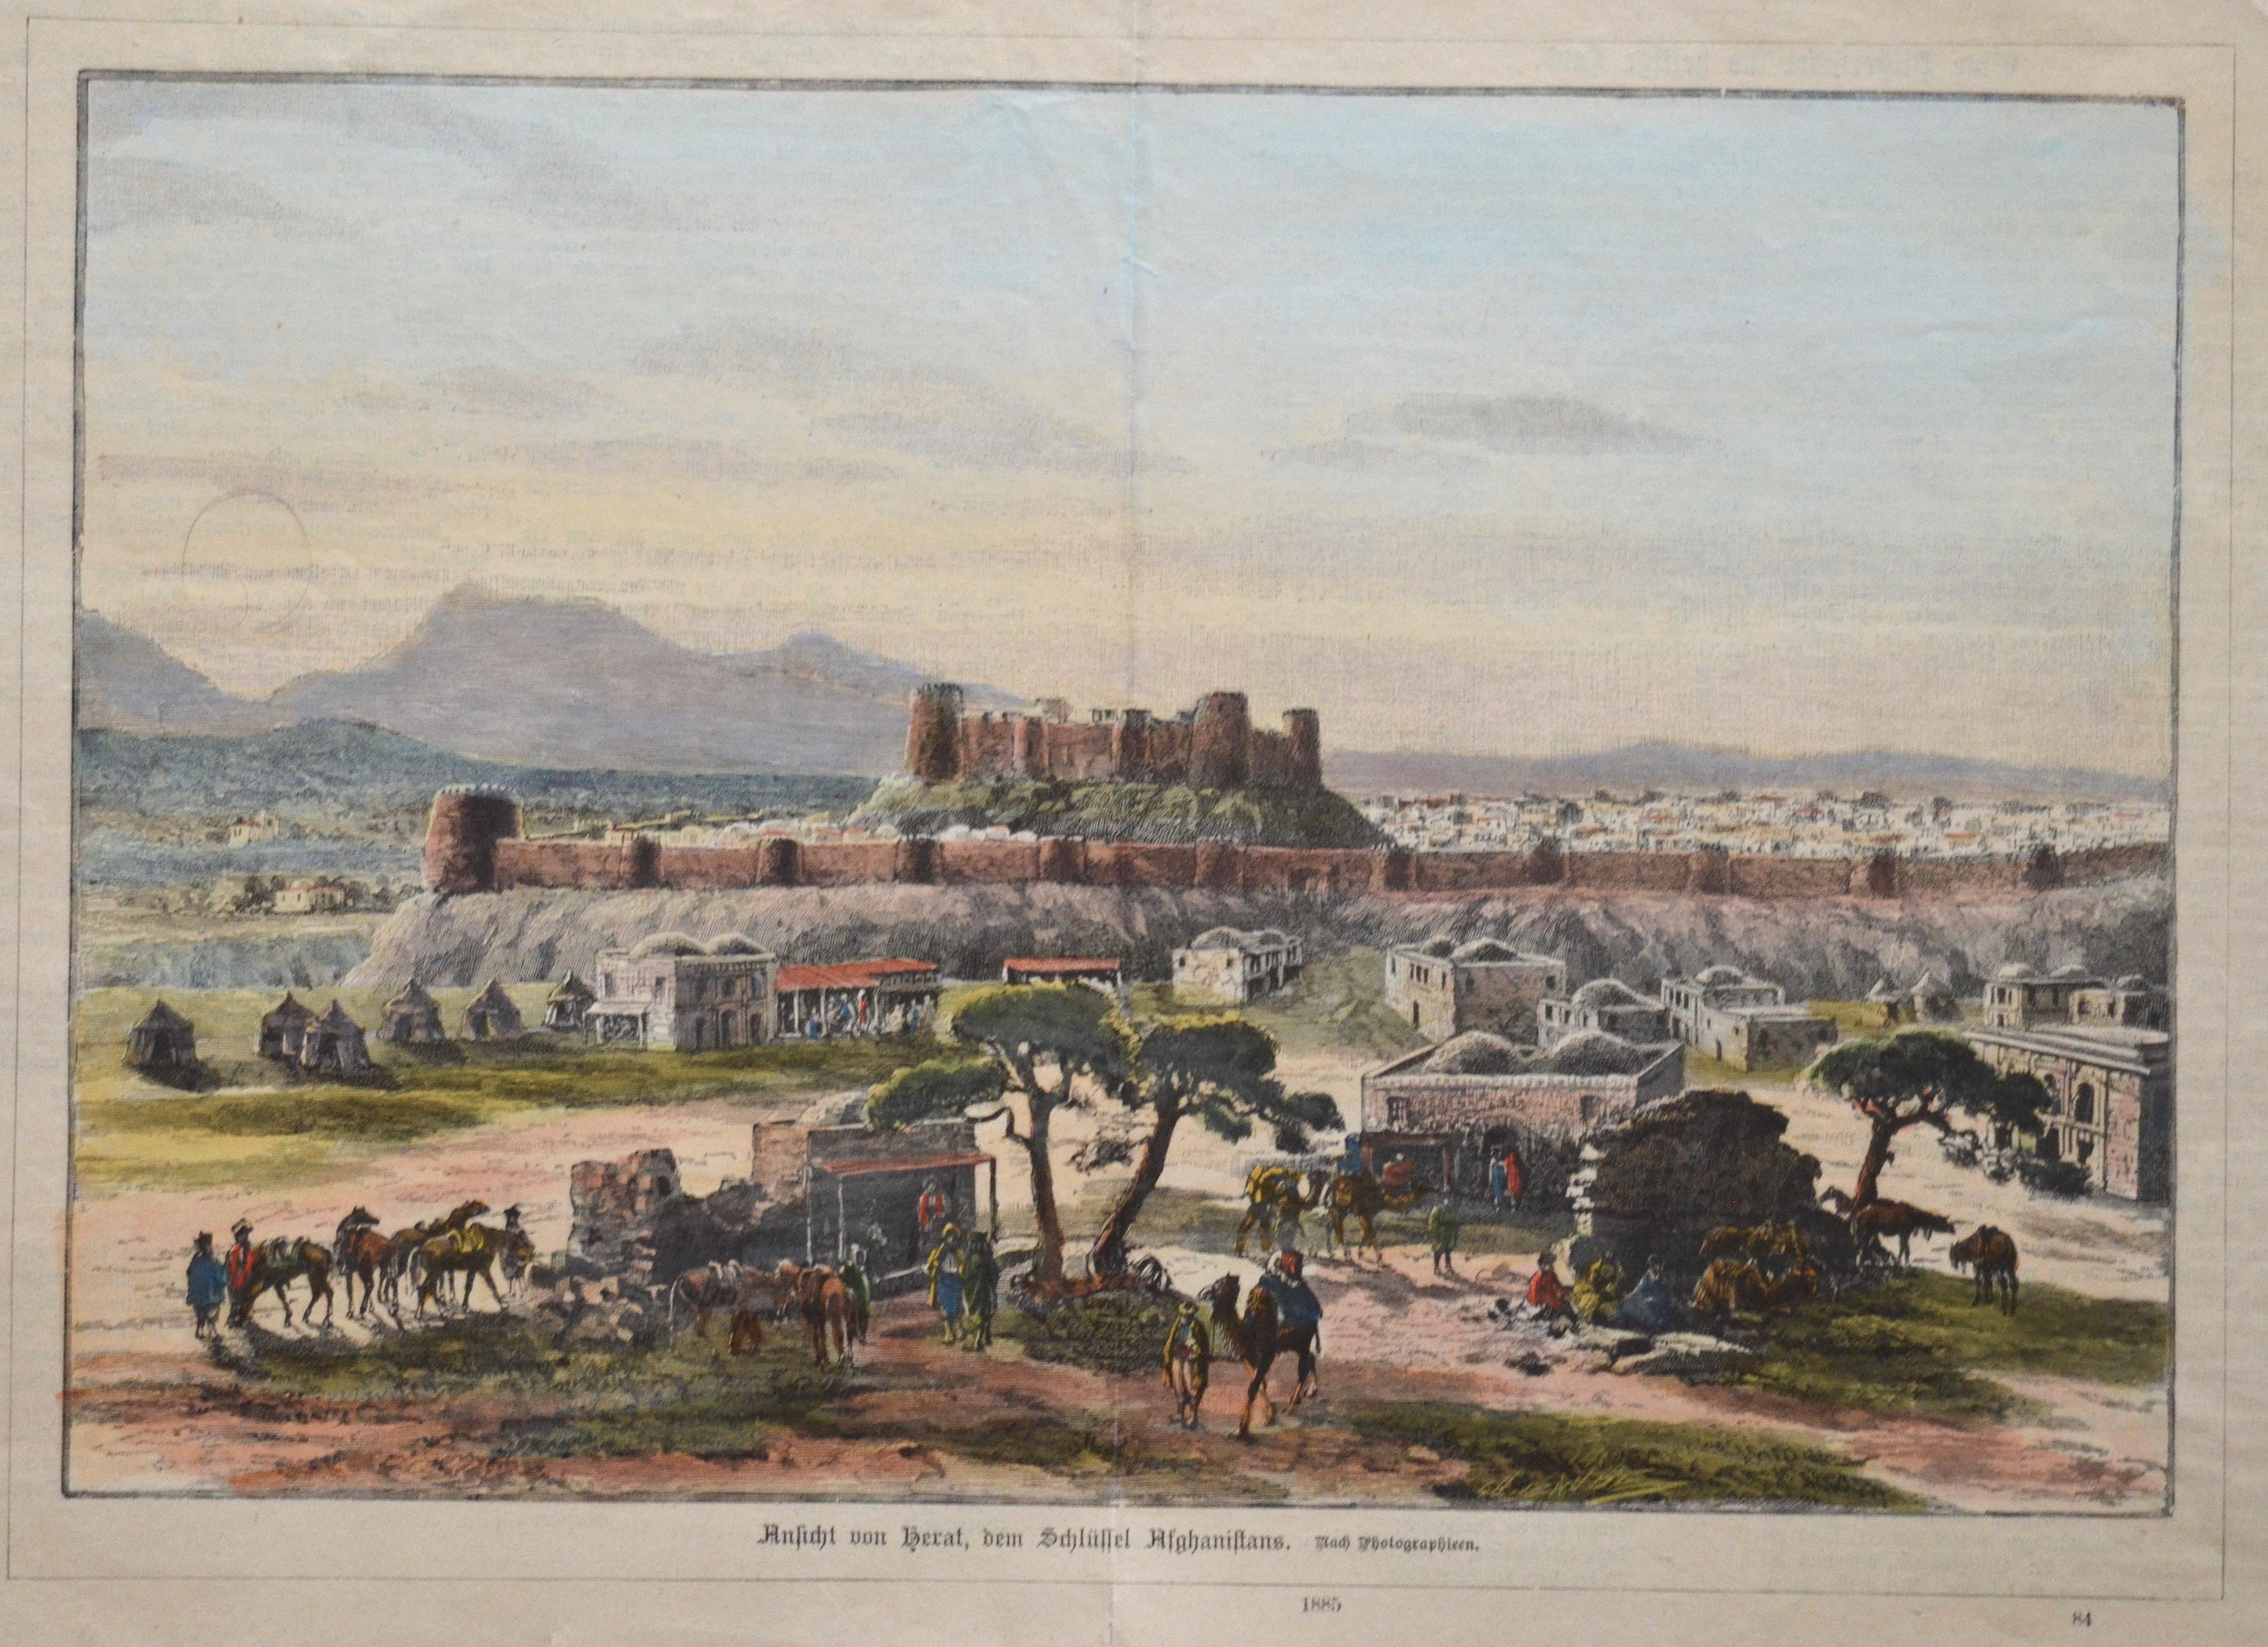 Anonymus  Ansicht von Herat, dem Schlüssel Afghanistans. Nach Fotographieren, 1885